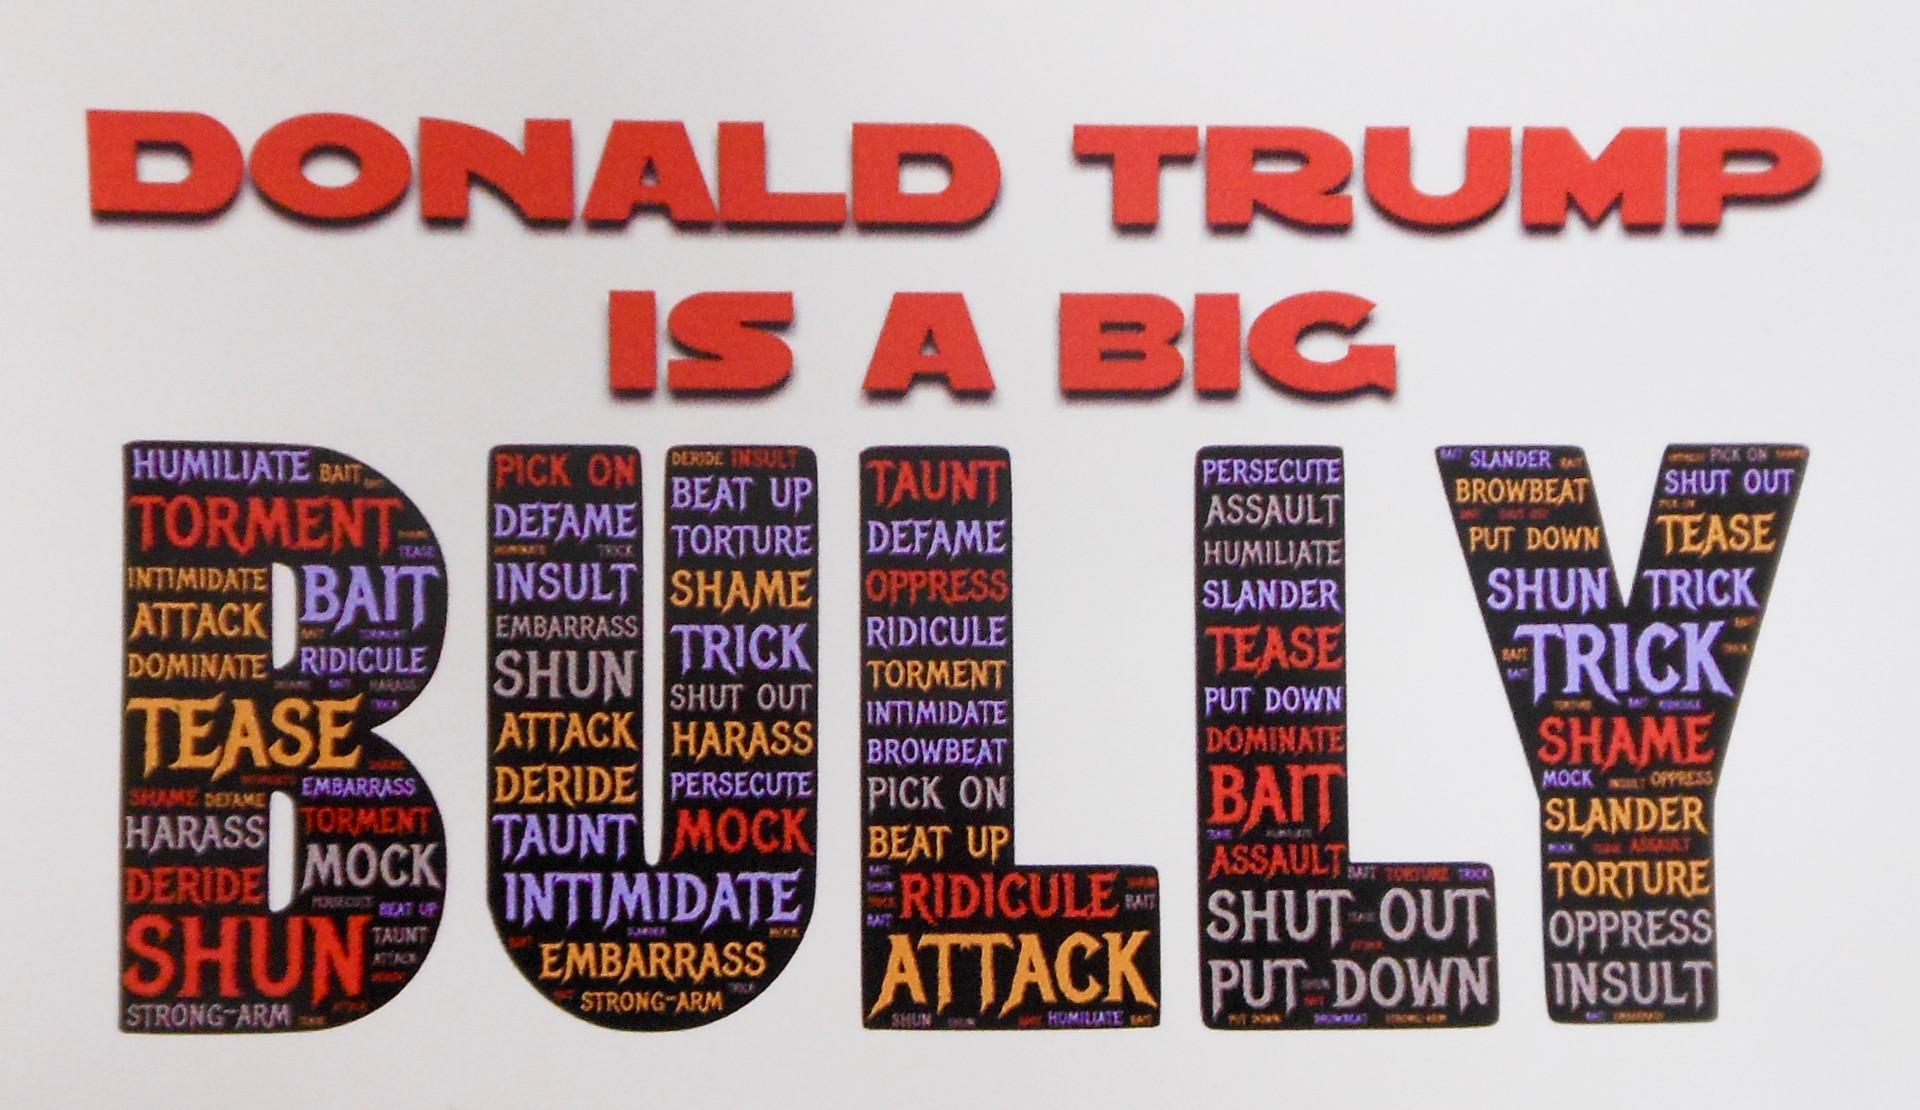 Donald Trump is a Big Bully